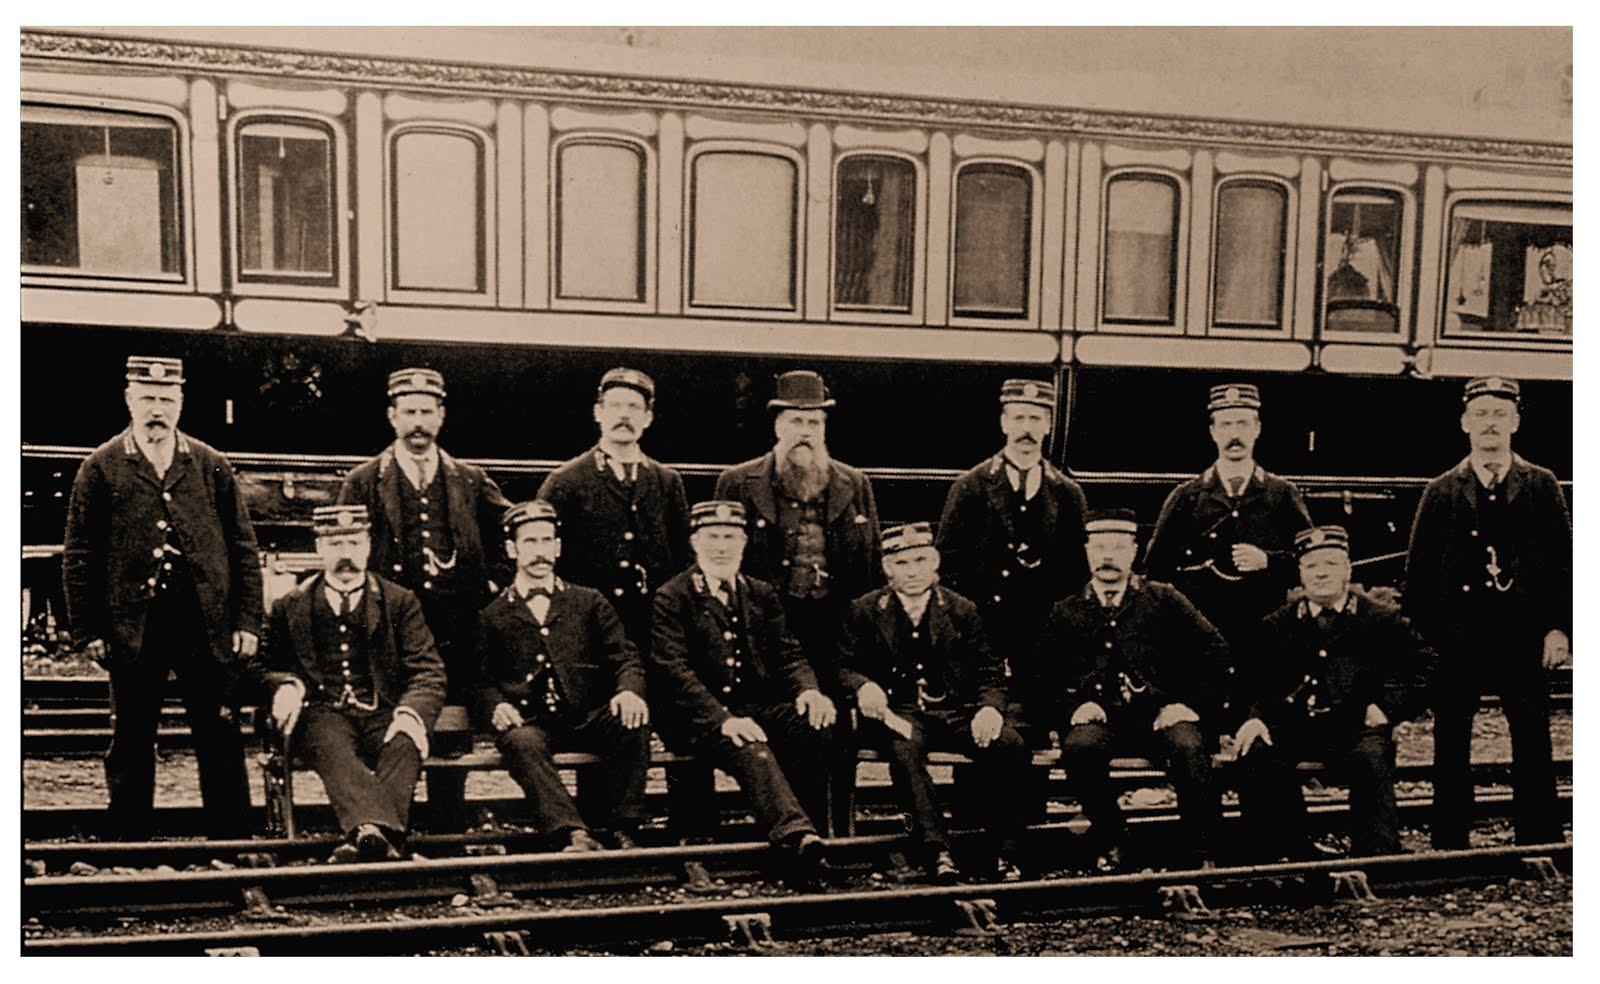 Victoria's train Crew